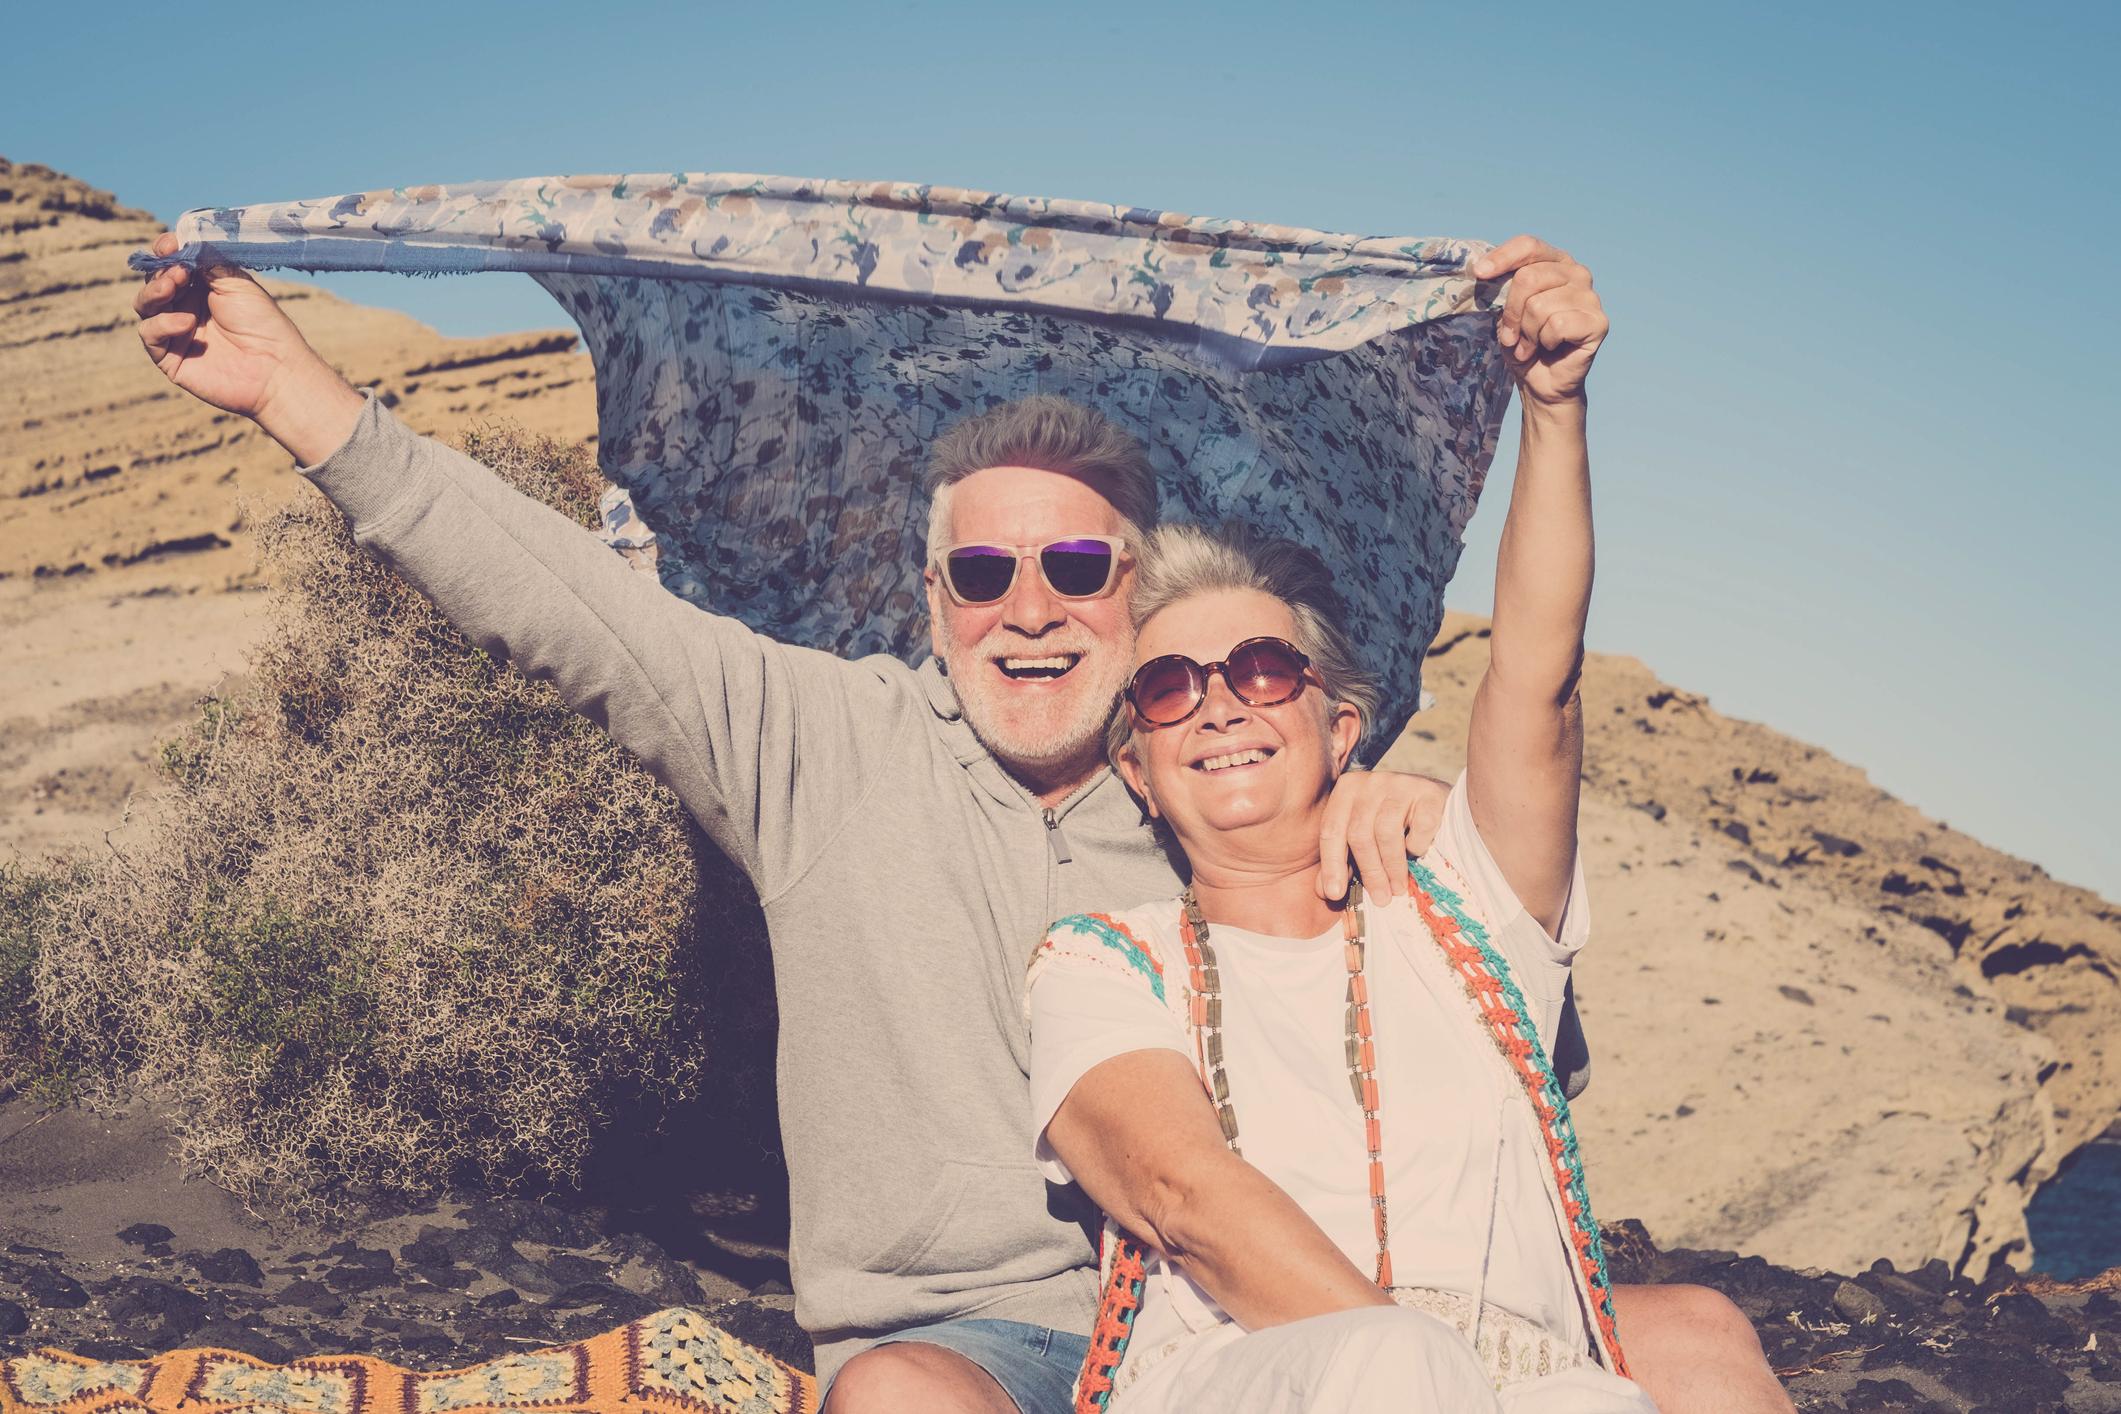 Za starije osobe važna je stalna i tjelesna i psihička aktivnost. Osobito je korisno kretati se u jutarnjim i večernjim satima.